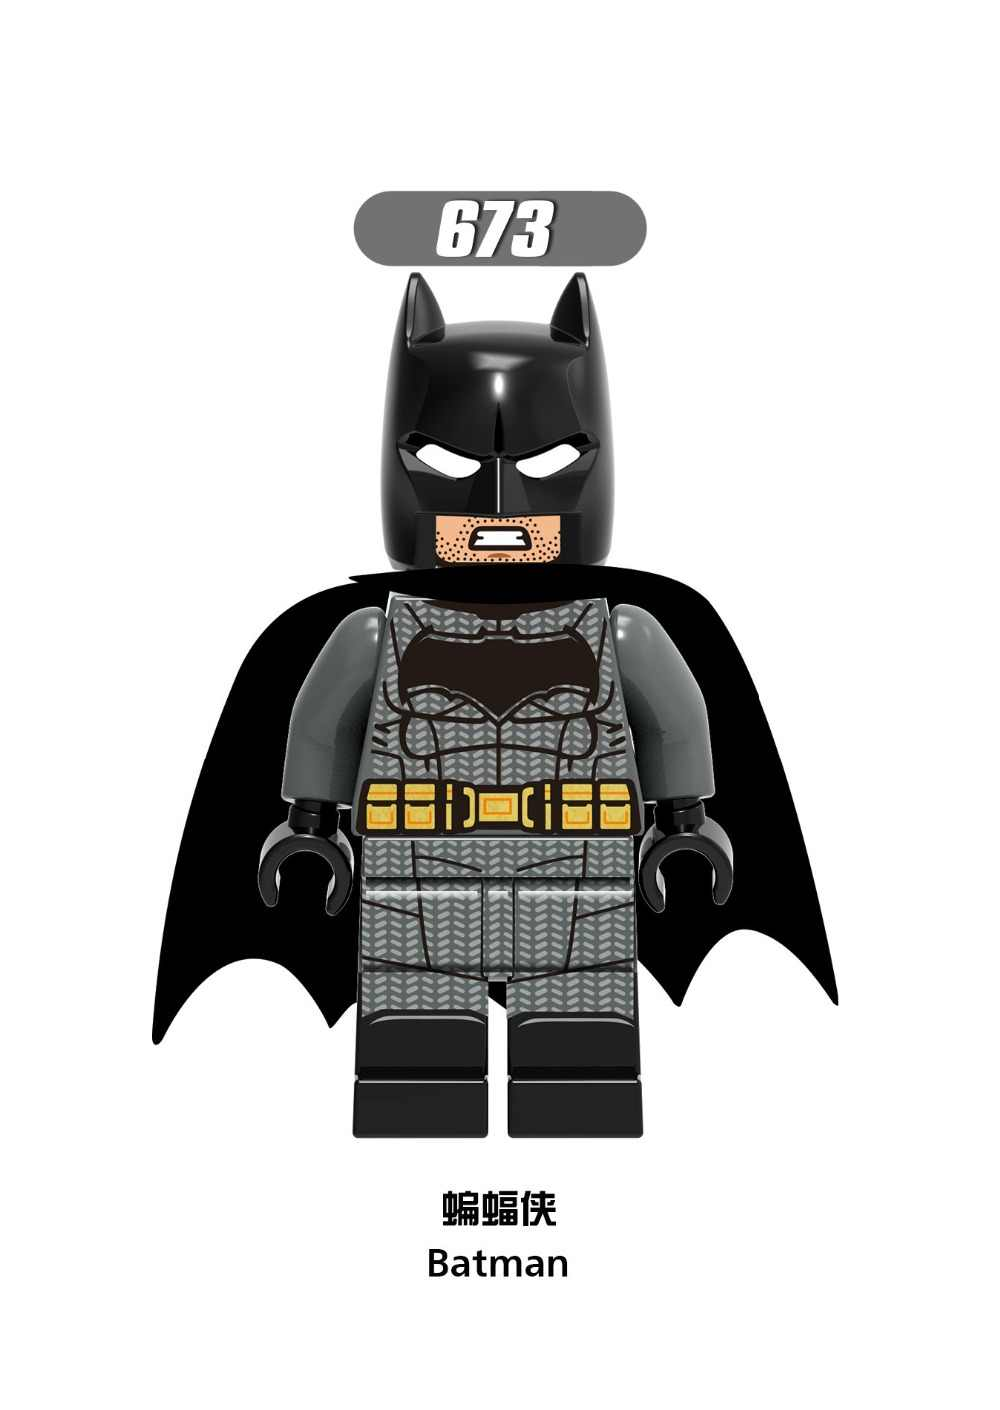 X0167 compatible LegoINGlys Super hero Justice League Superman Batman Wonder Woman Steel bone flash child Building module toy y